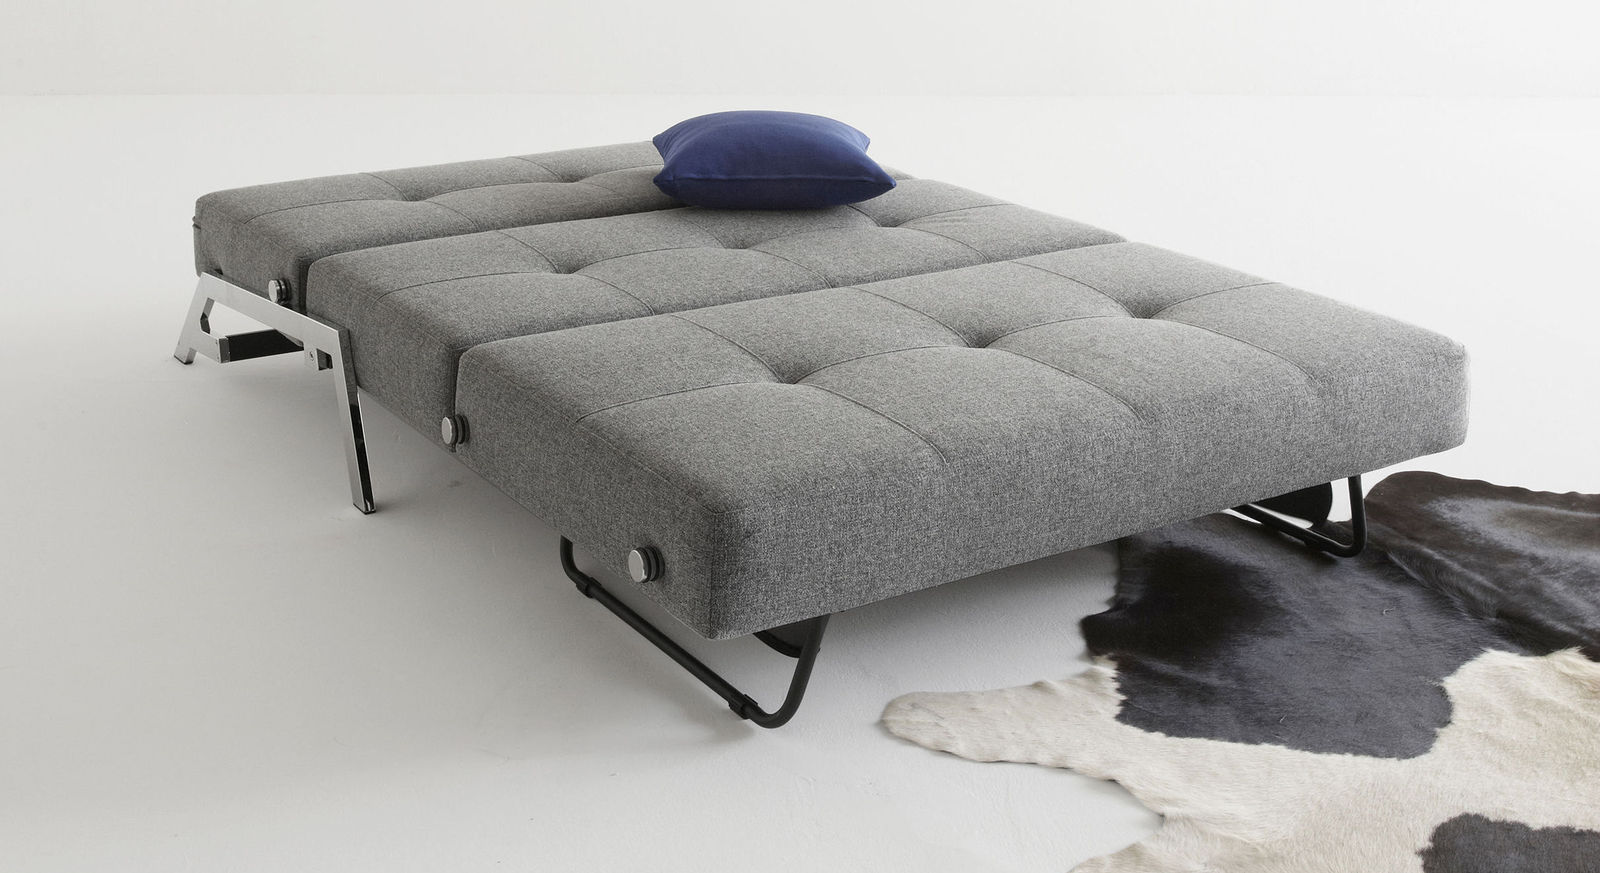 l ngsschl fer schlafsofas f r sie im test und vergleich 2018. Black Bedroom Furniture Sets. Home Design Ideas